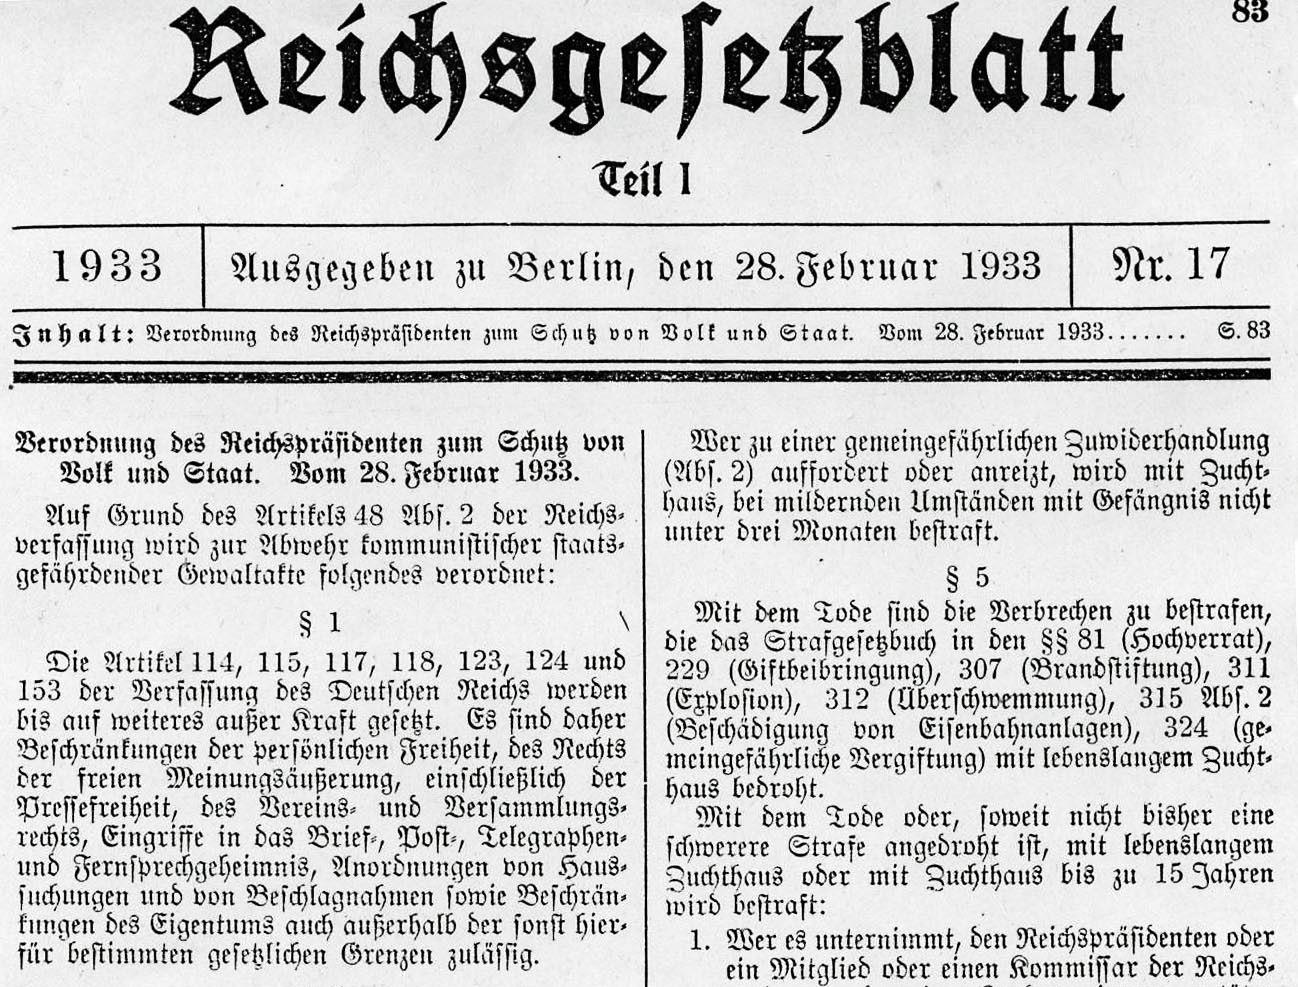 """""""Beschränkungen der persönlichen Freiheit, des Rechtes der freien Meinungsäußerung … sind zulässig"""" heißt es hier in § 1 der sogenannten """"Verordnung zum Schutz von Volk und Staat"""". Der Reichstagsbrand in der Nacht vom 27./28. Februar 1933 wird zum Anlass genommen, diese Verordnung zu verkünden."""